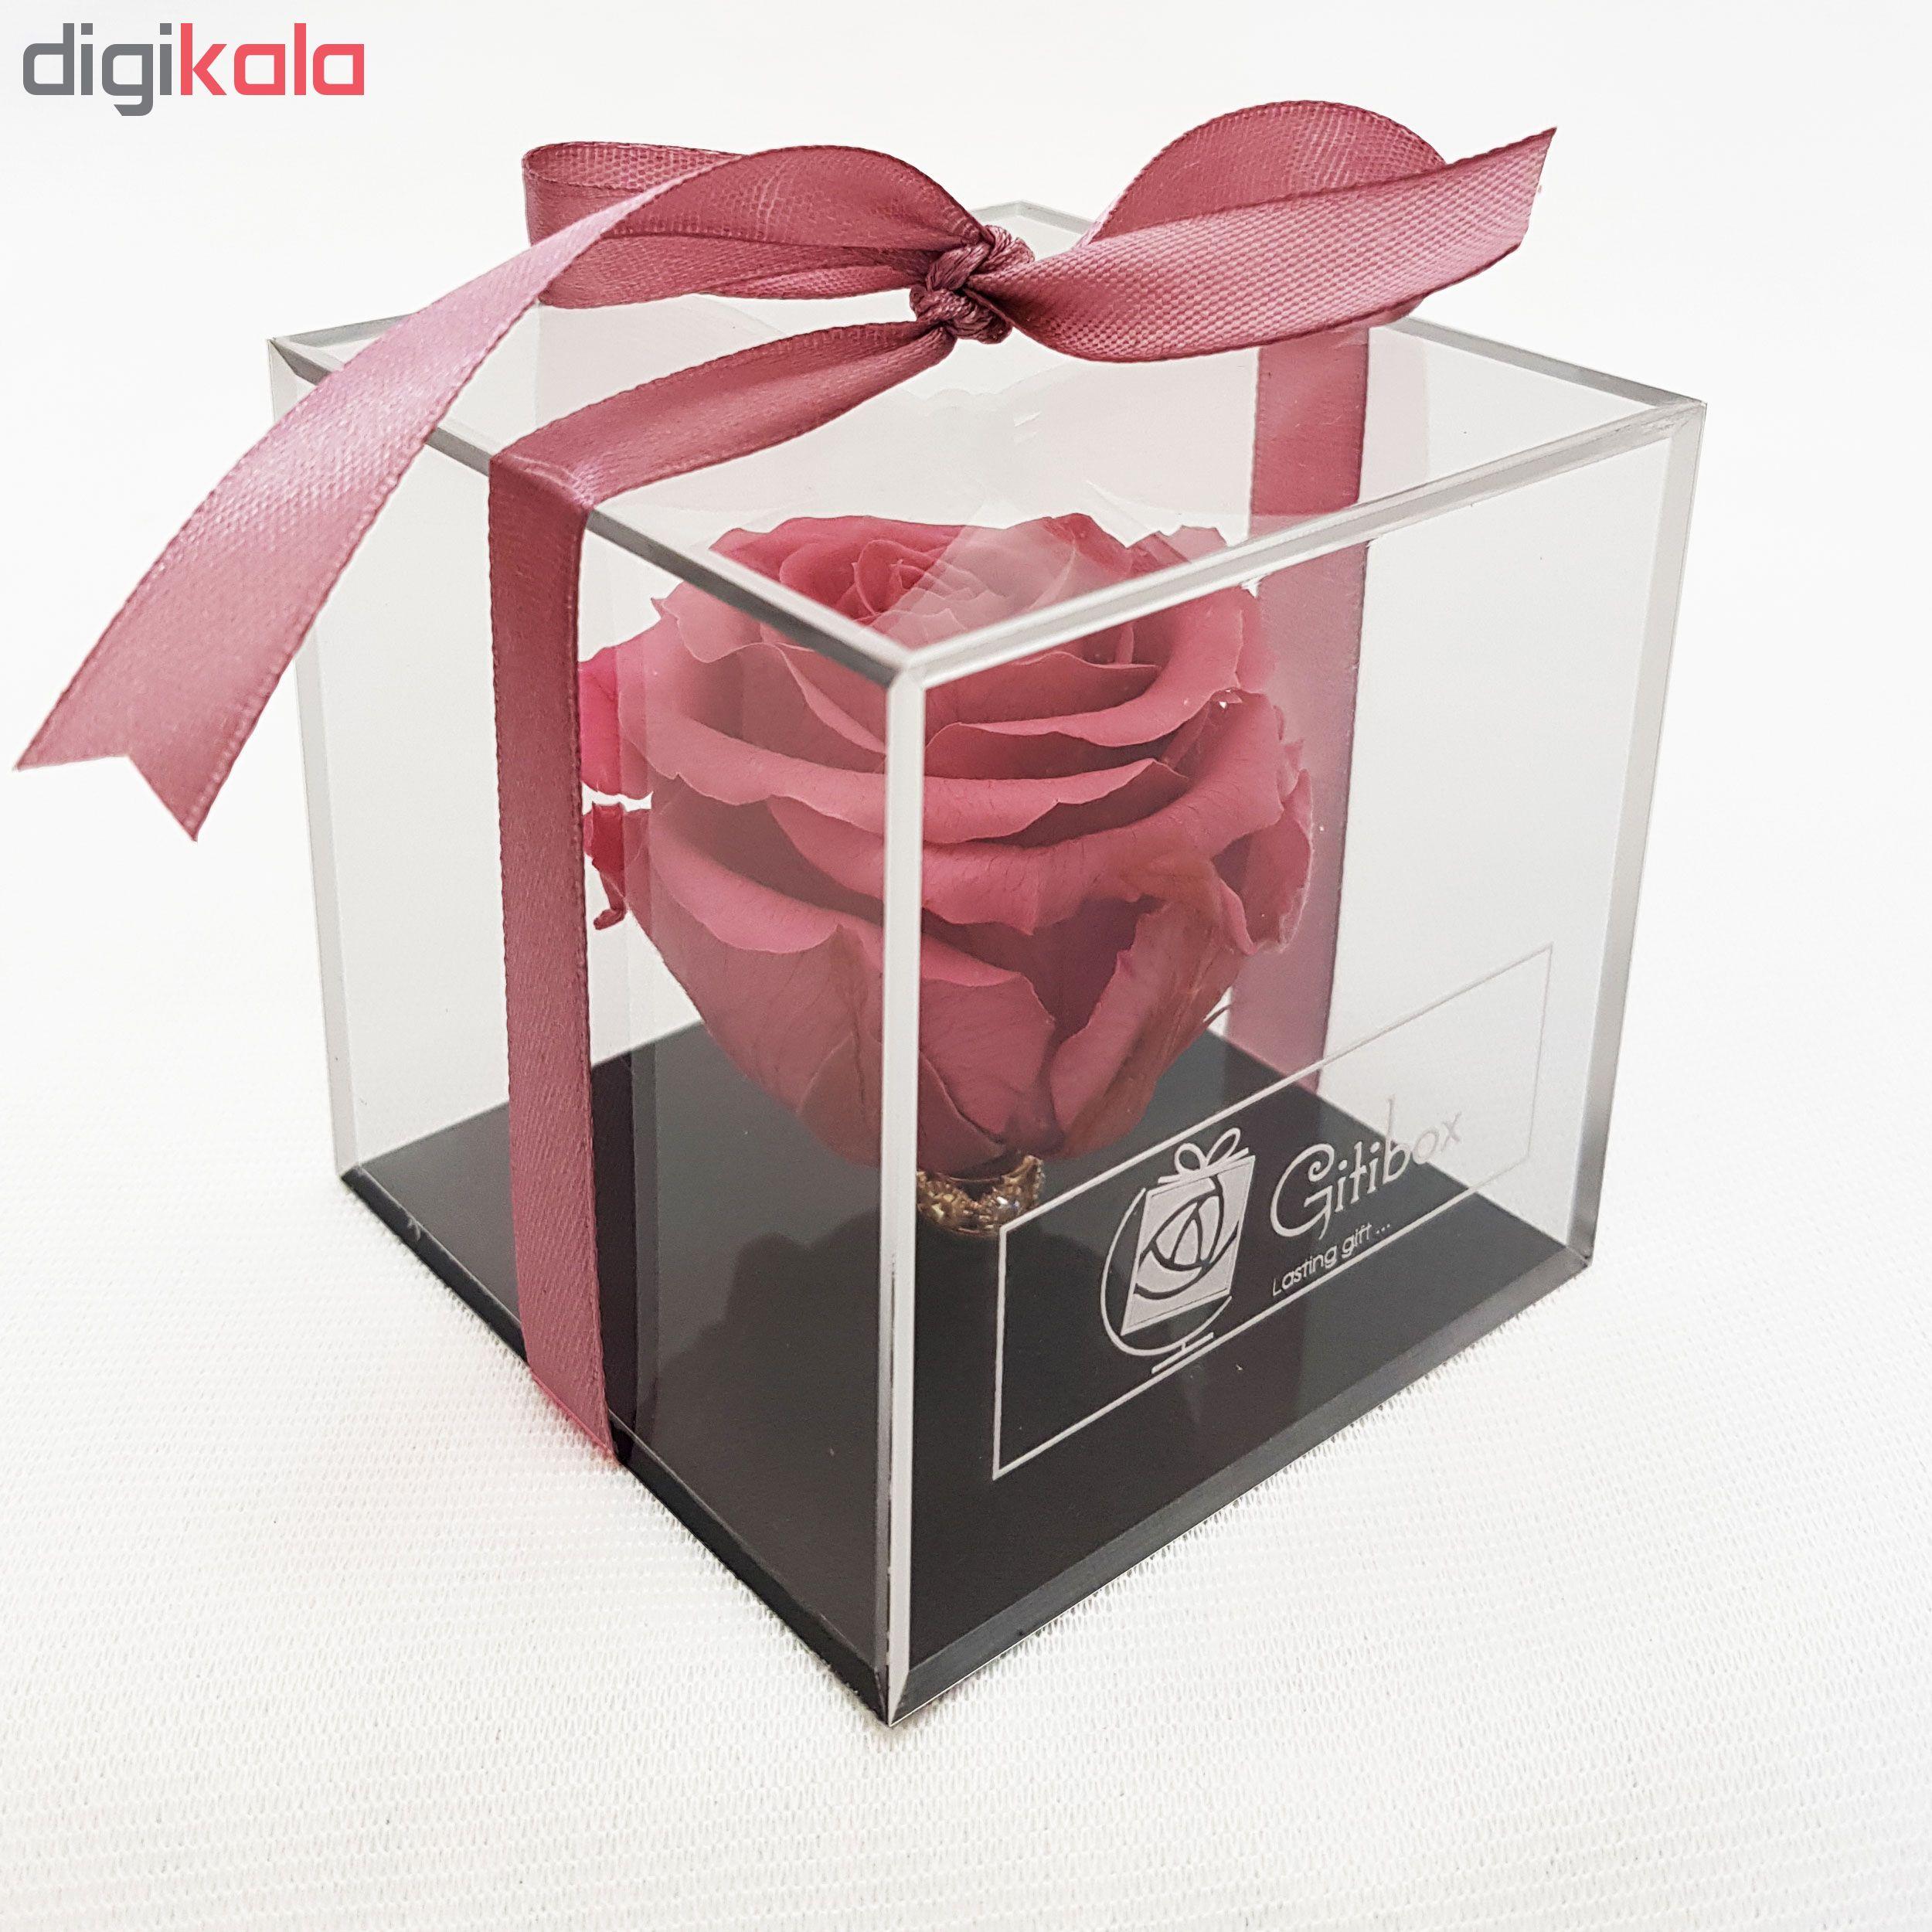 جعبه گل رز جاودان گیتی باکس مدل کیوب 004